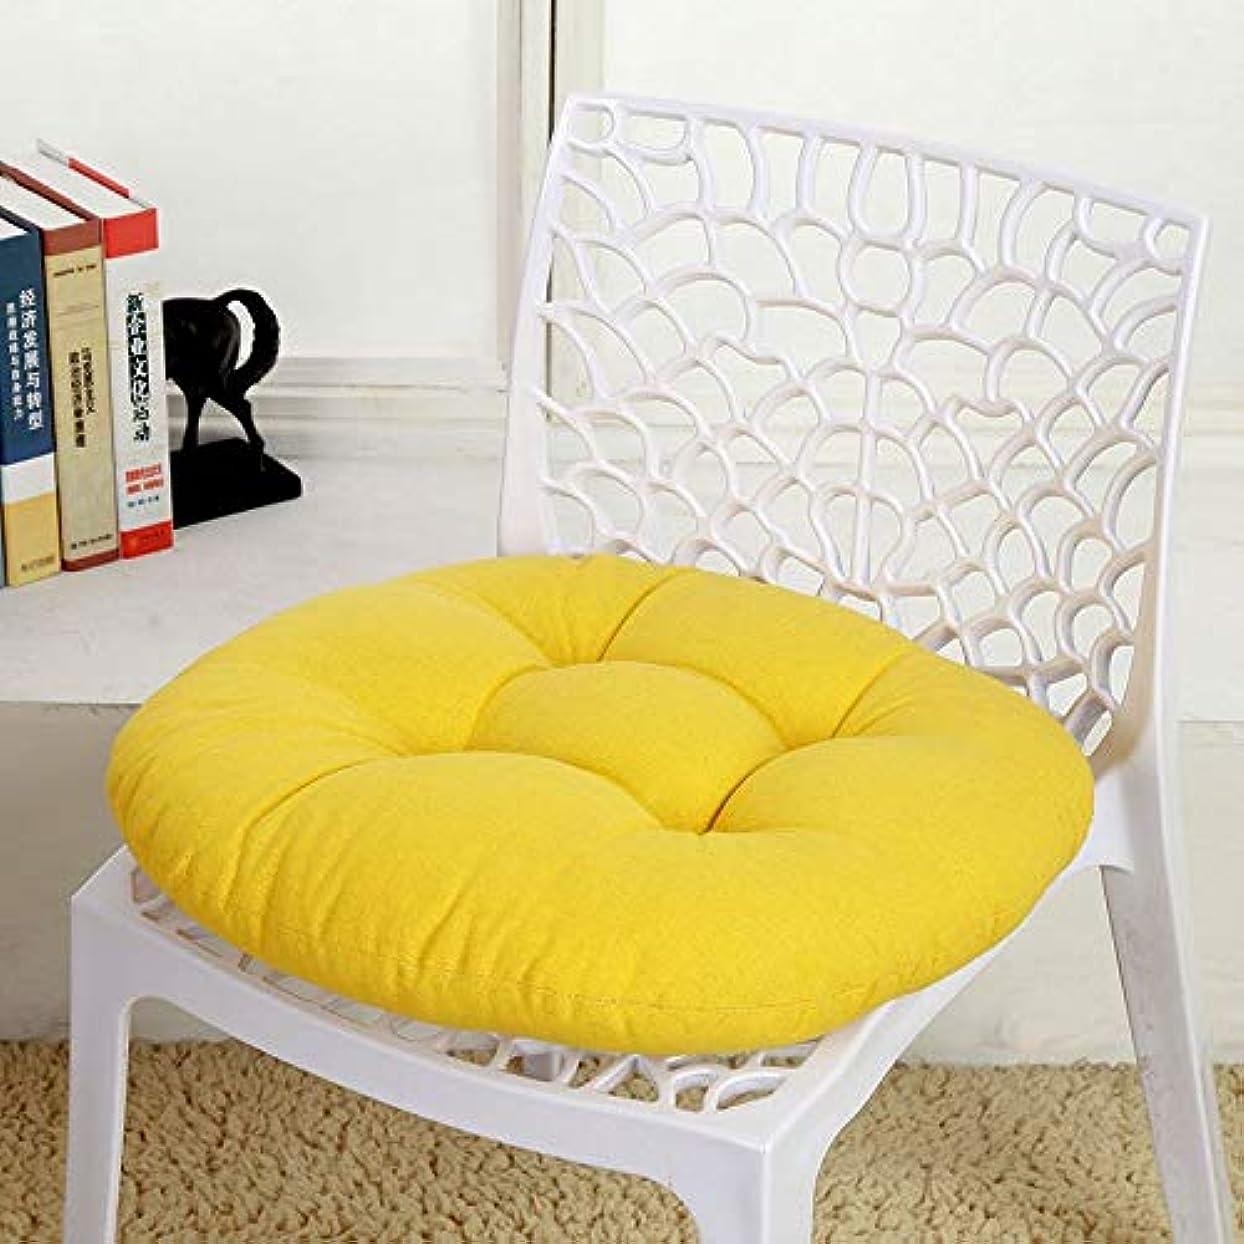 迷惑忠実等価SMART キャンディカラーのクッションラウンドシートクッション波ウィンドウシートクッションクッション家の装飾パッドラウンド枕シート枕椅子座る枕 クッション 椅子